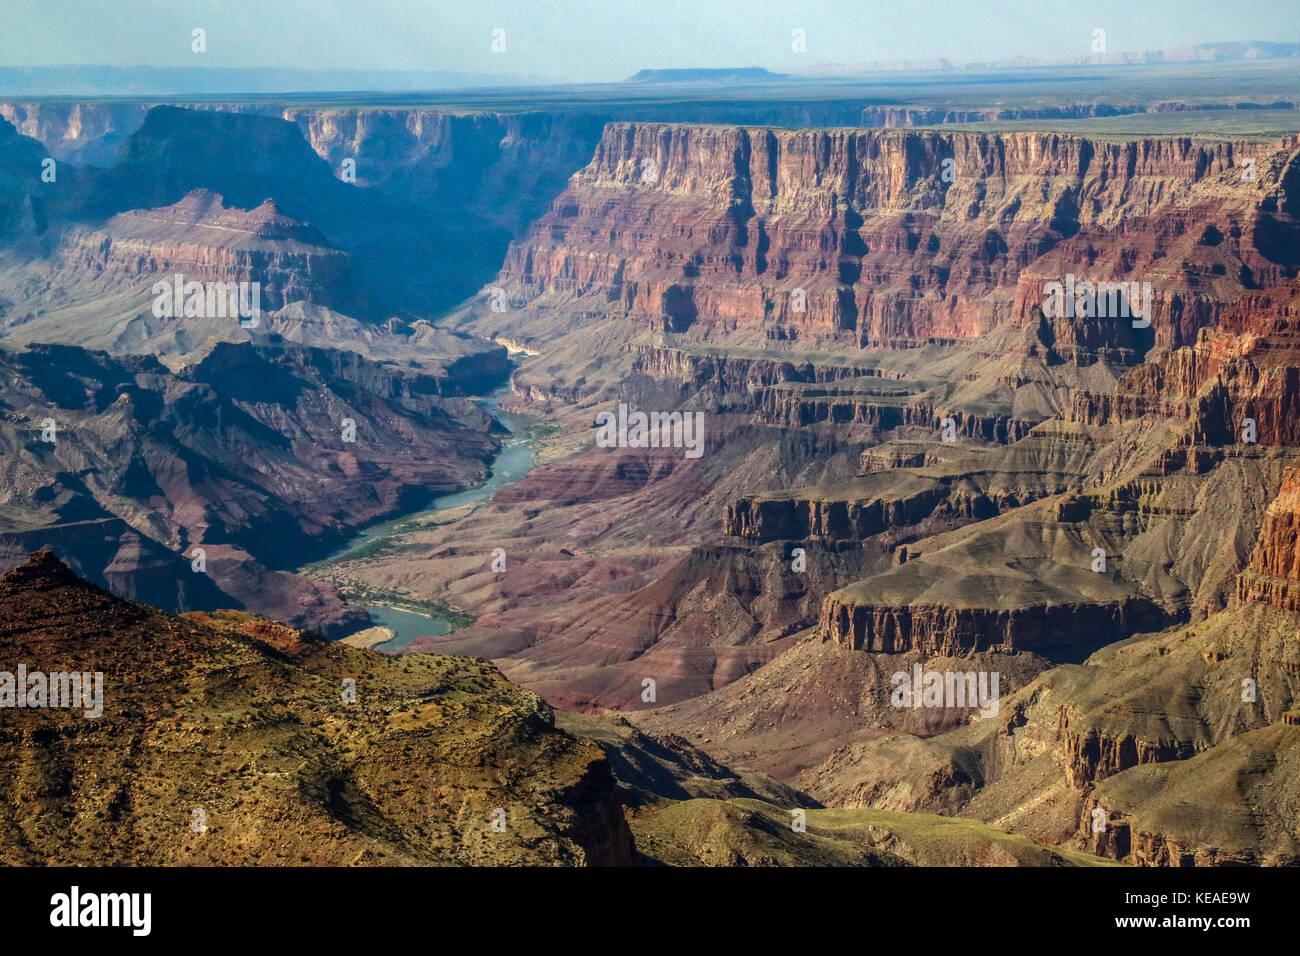 Der Colorado River kann in diesem Blick vom South Rim des Grand Canyon gesehen werden. Stockbild